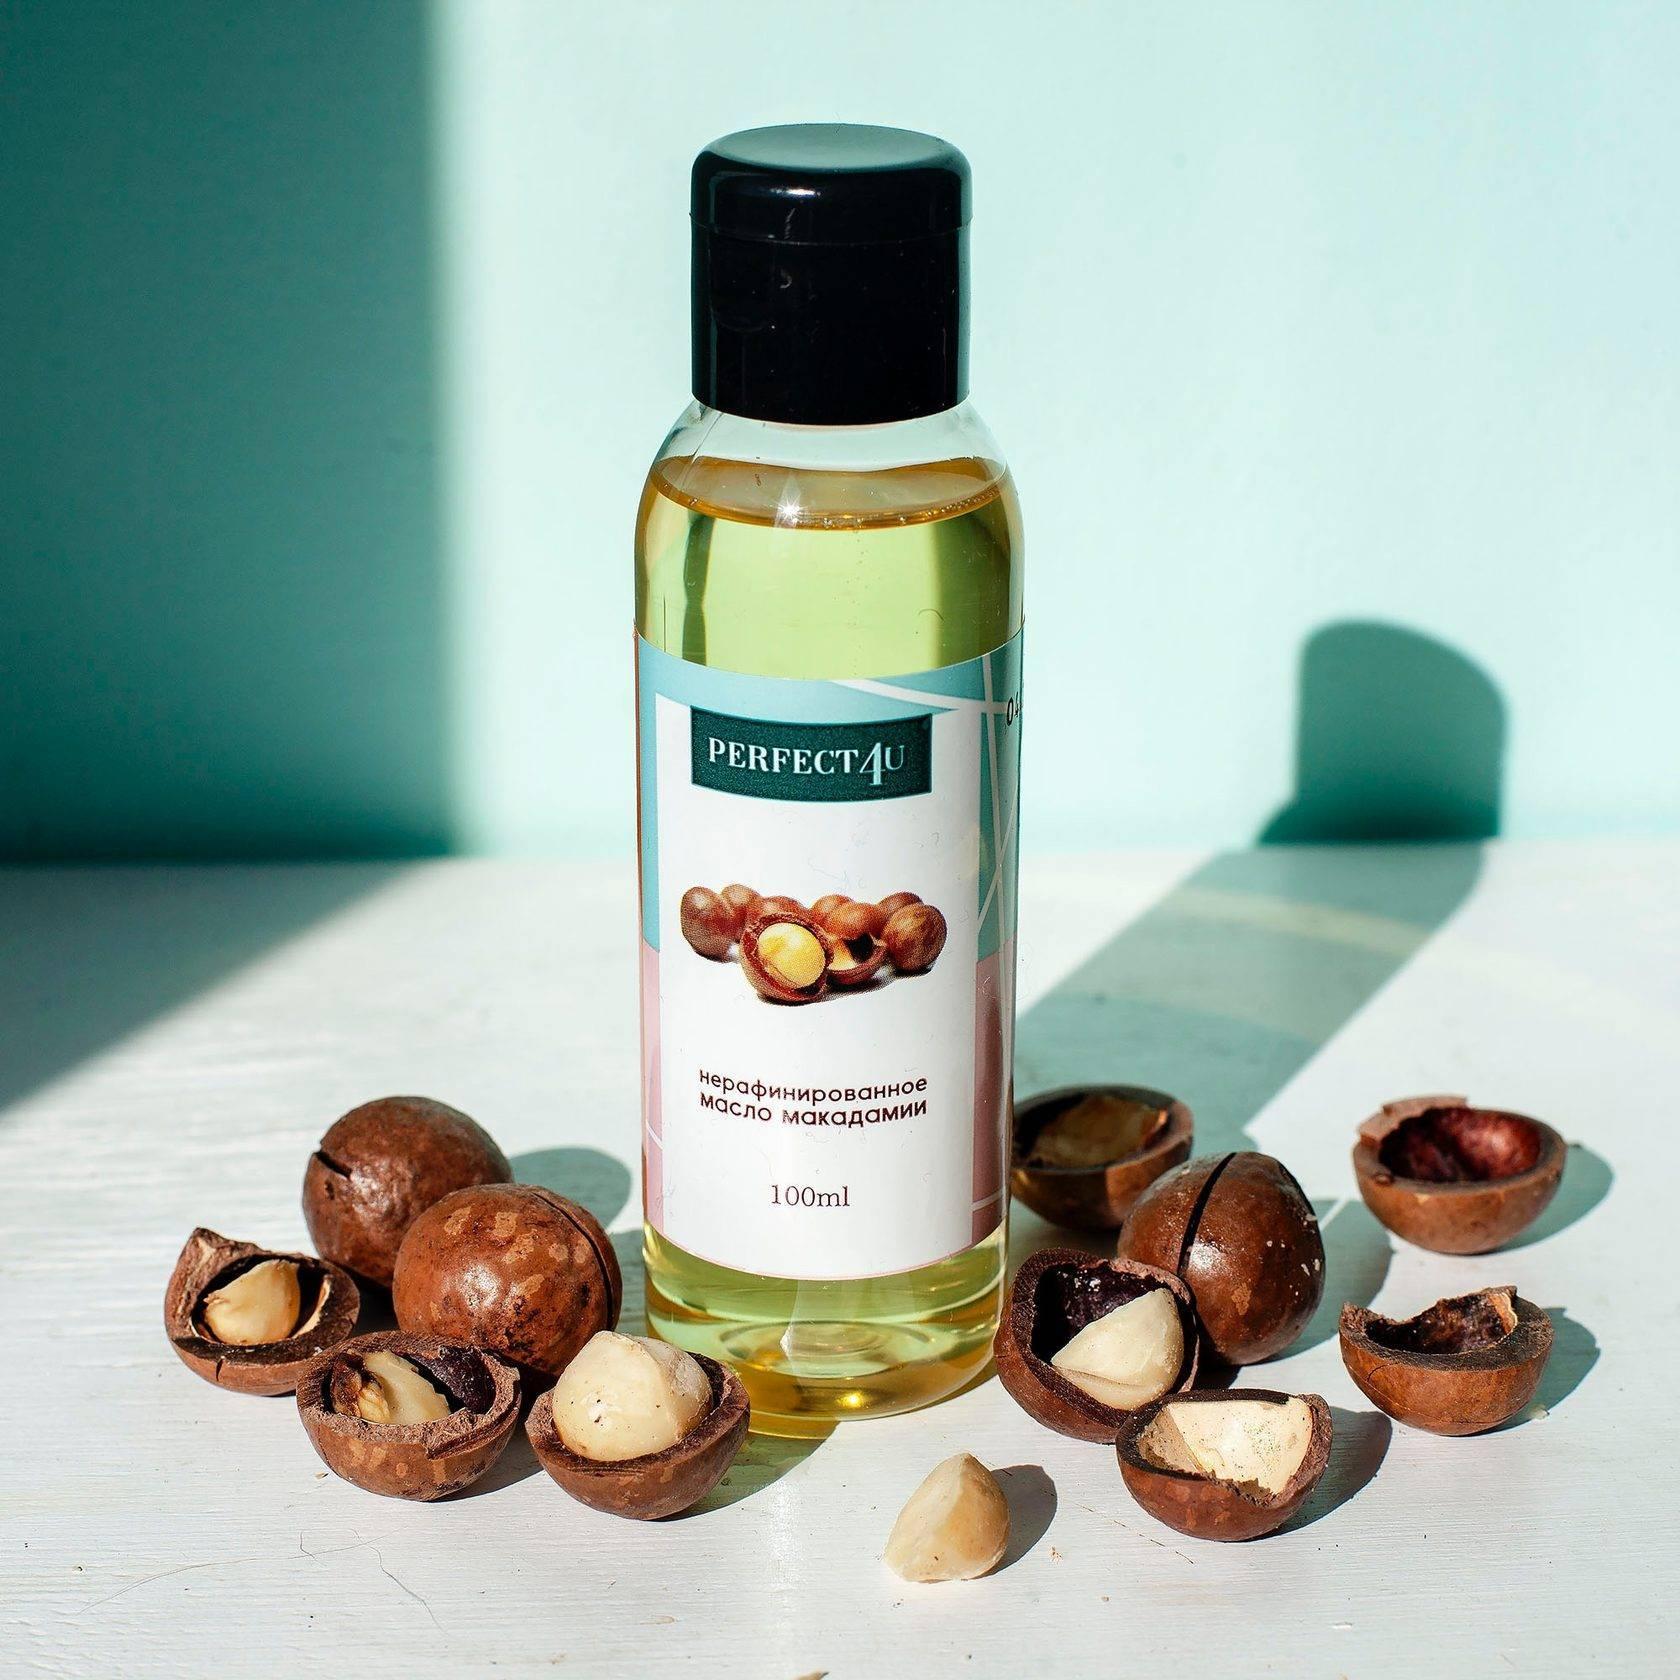 Масло ореха макадамия: полезные свойства, применение в косметологии, использование в пищевых целях